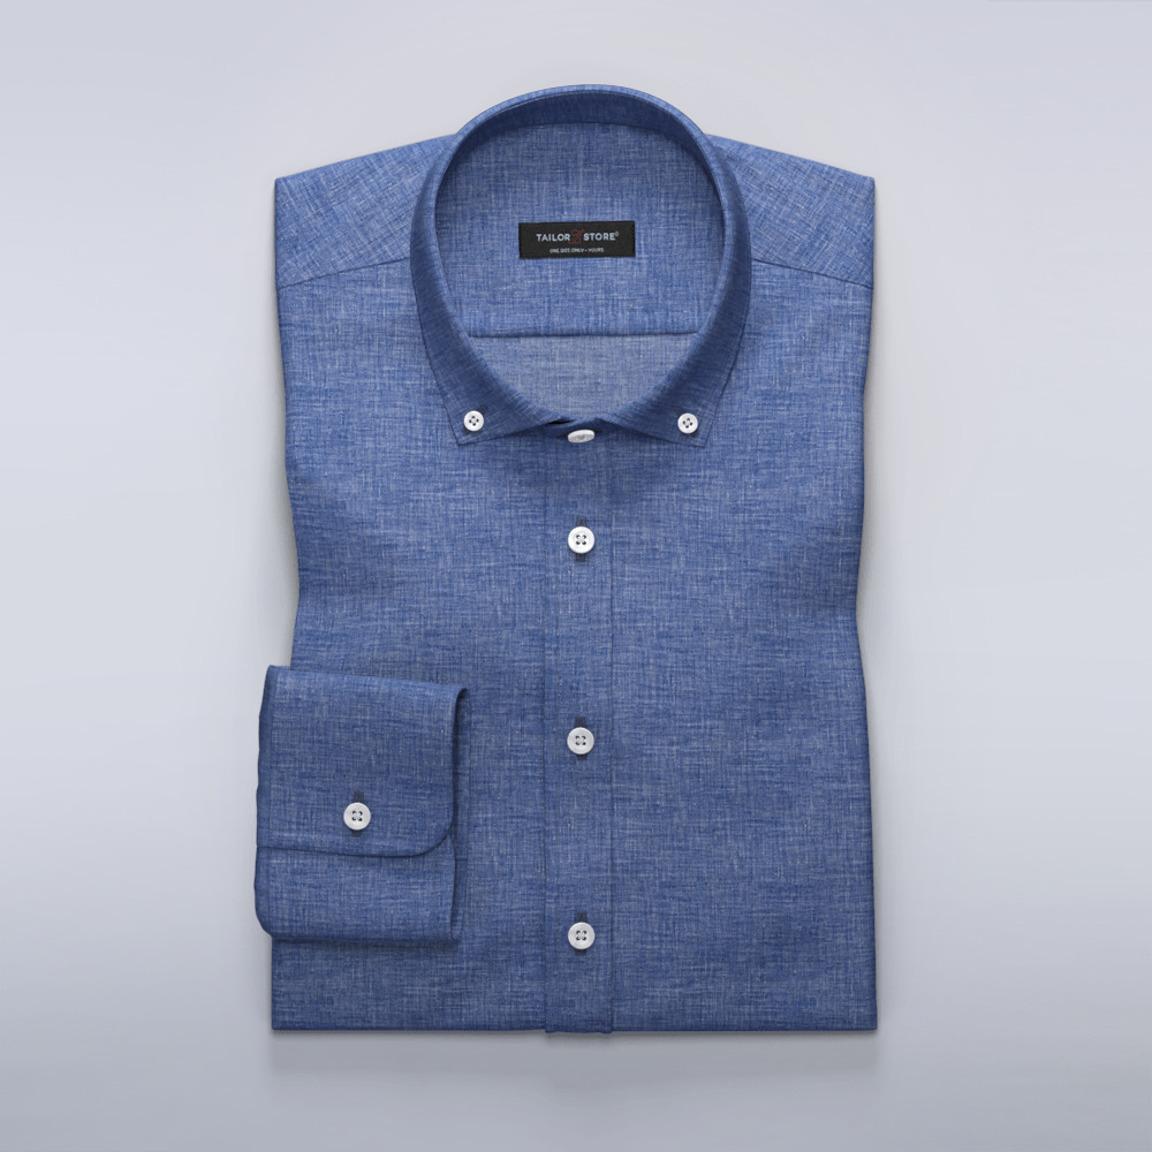 Dames Overhemd.Dames Overhemd In Blauw Linnen Tailor Store